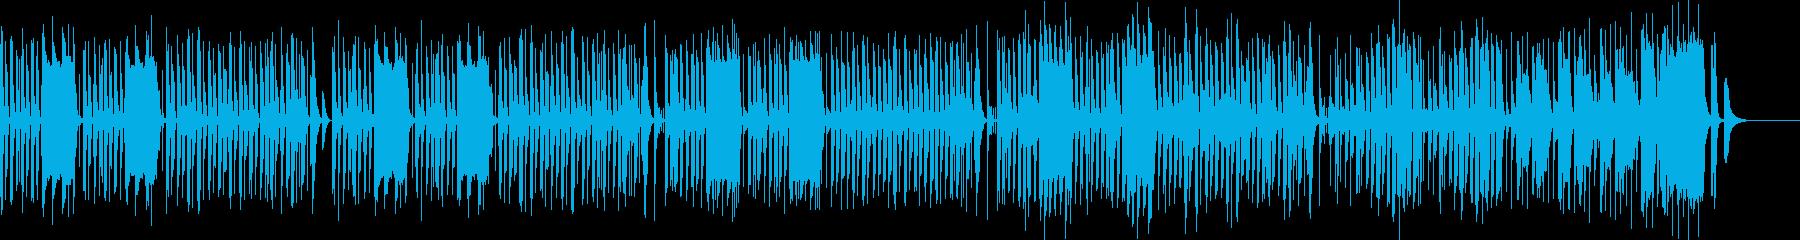 かわいくてポップでキャッチーなリコーダーの再生済みの波形